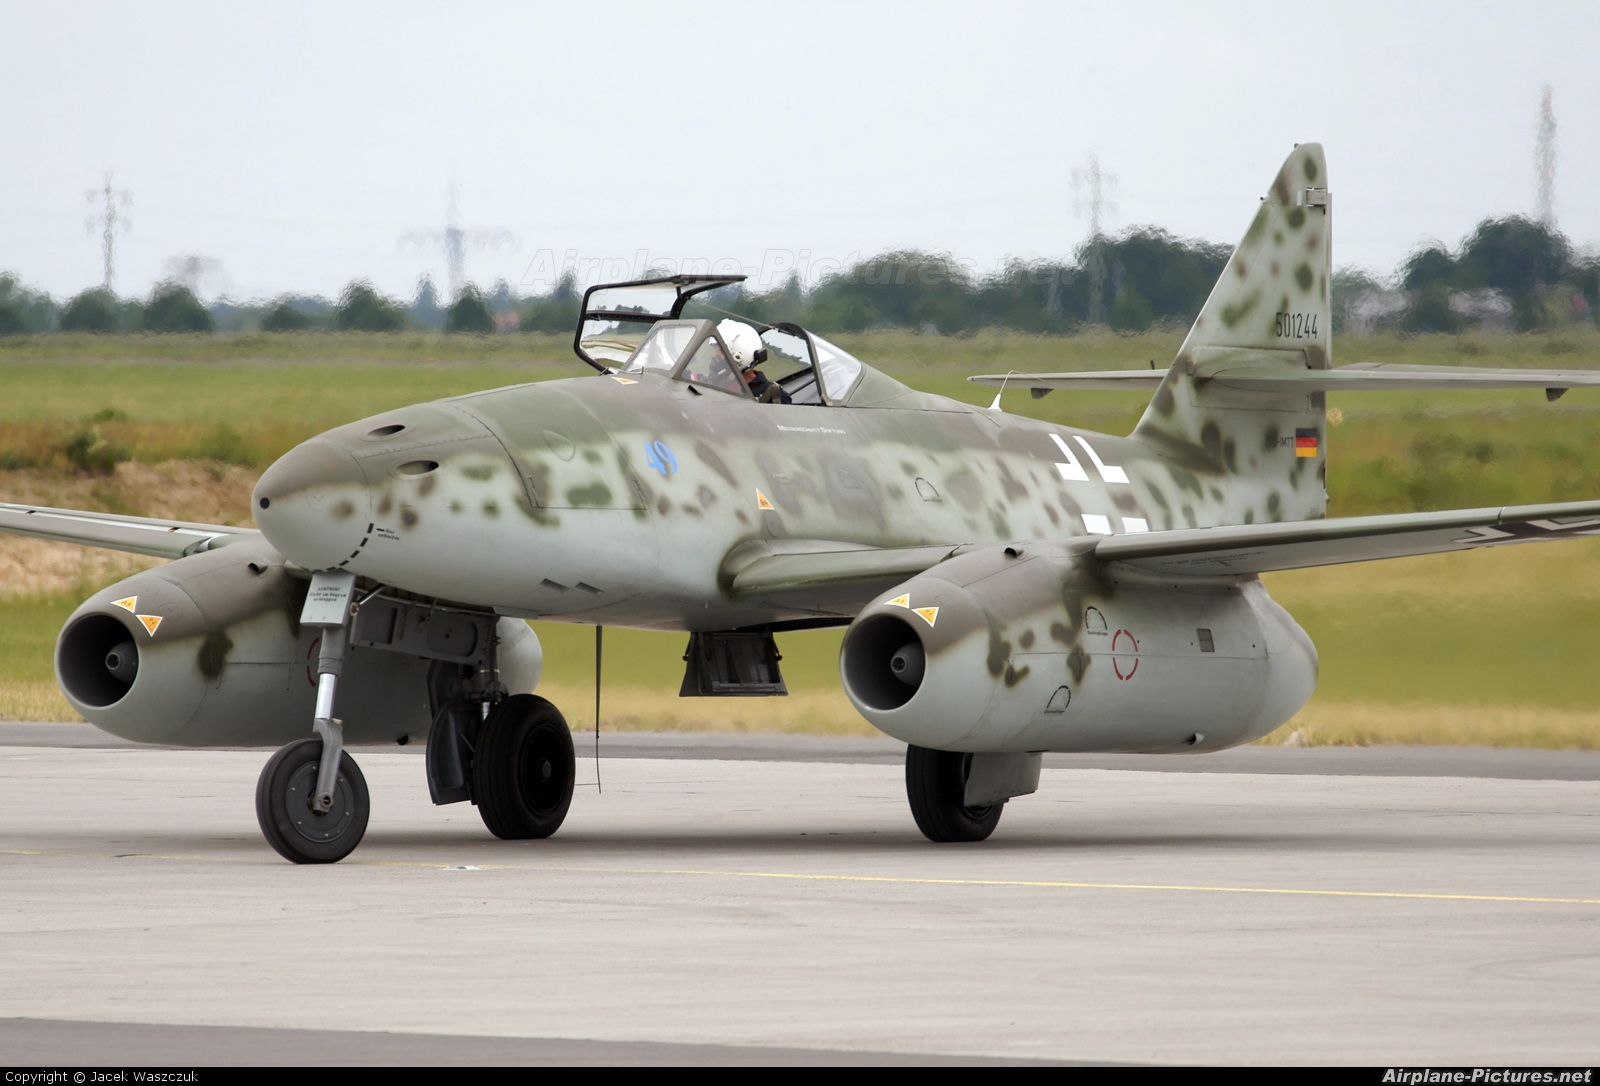 メッサーシュミット Me262の画像 p1_25